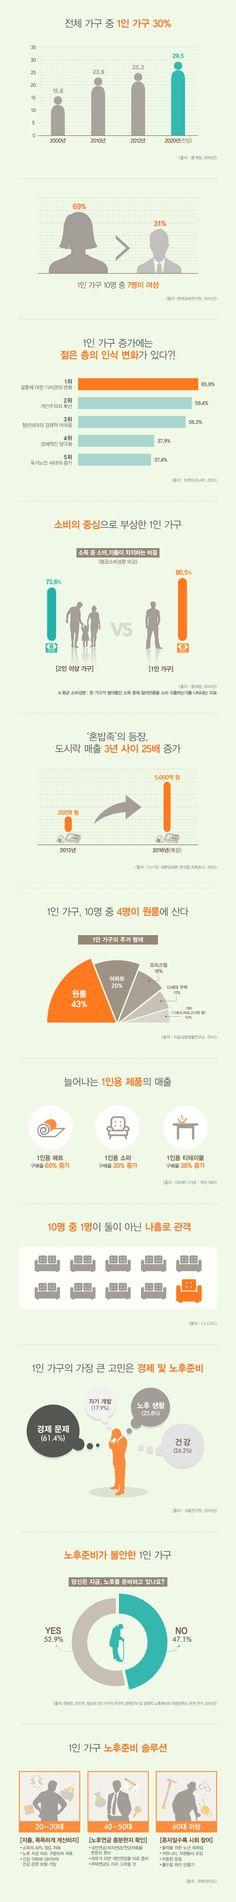 [Infographic] '혼자가 익숙해졌다! 문화를 주도하는 1인 가구'에 대한 인포그래픽